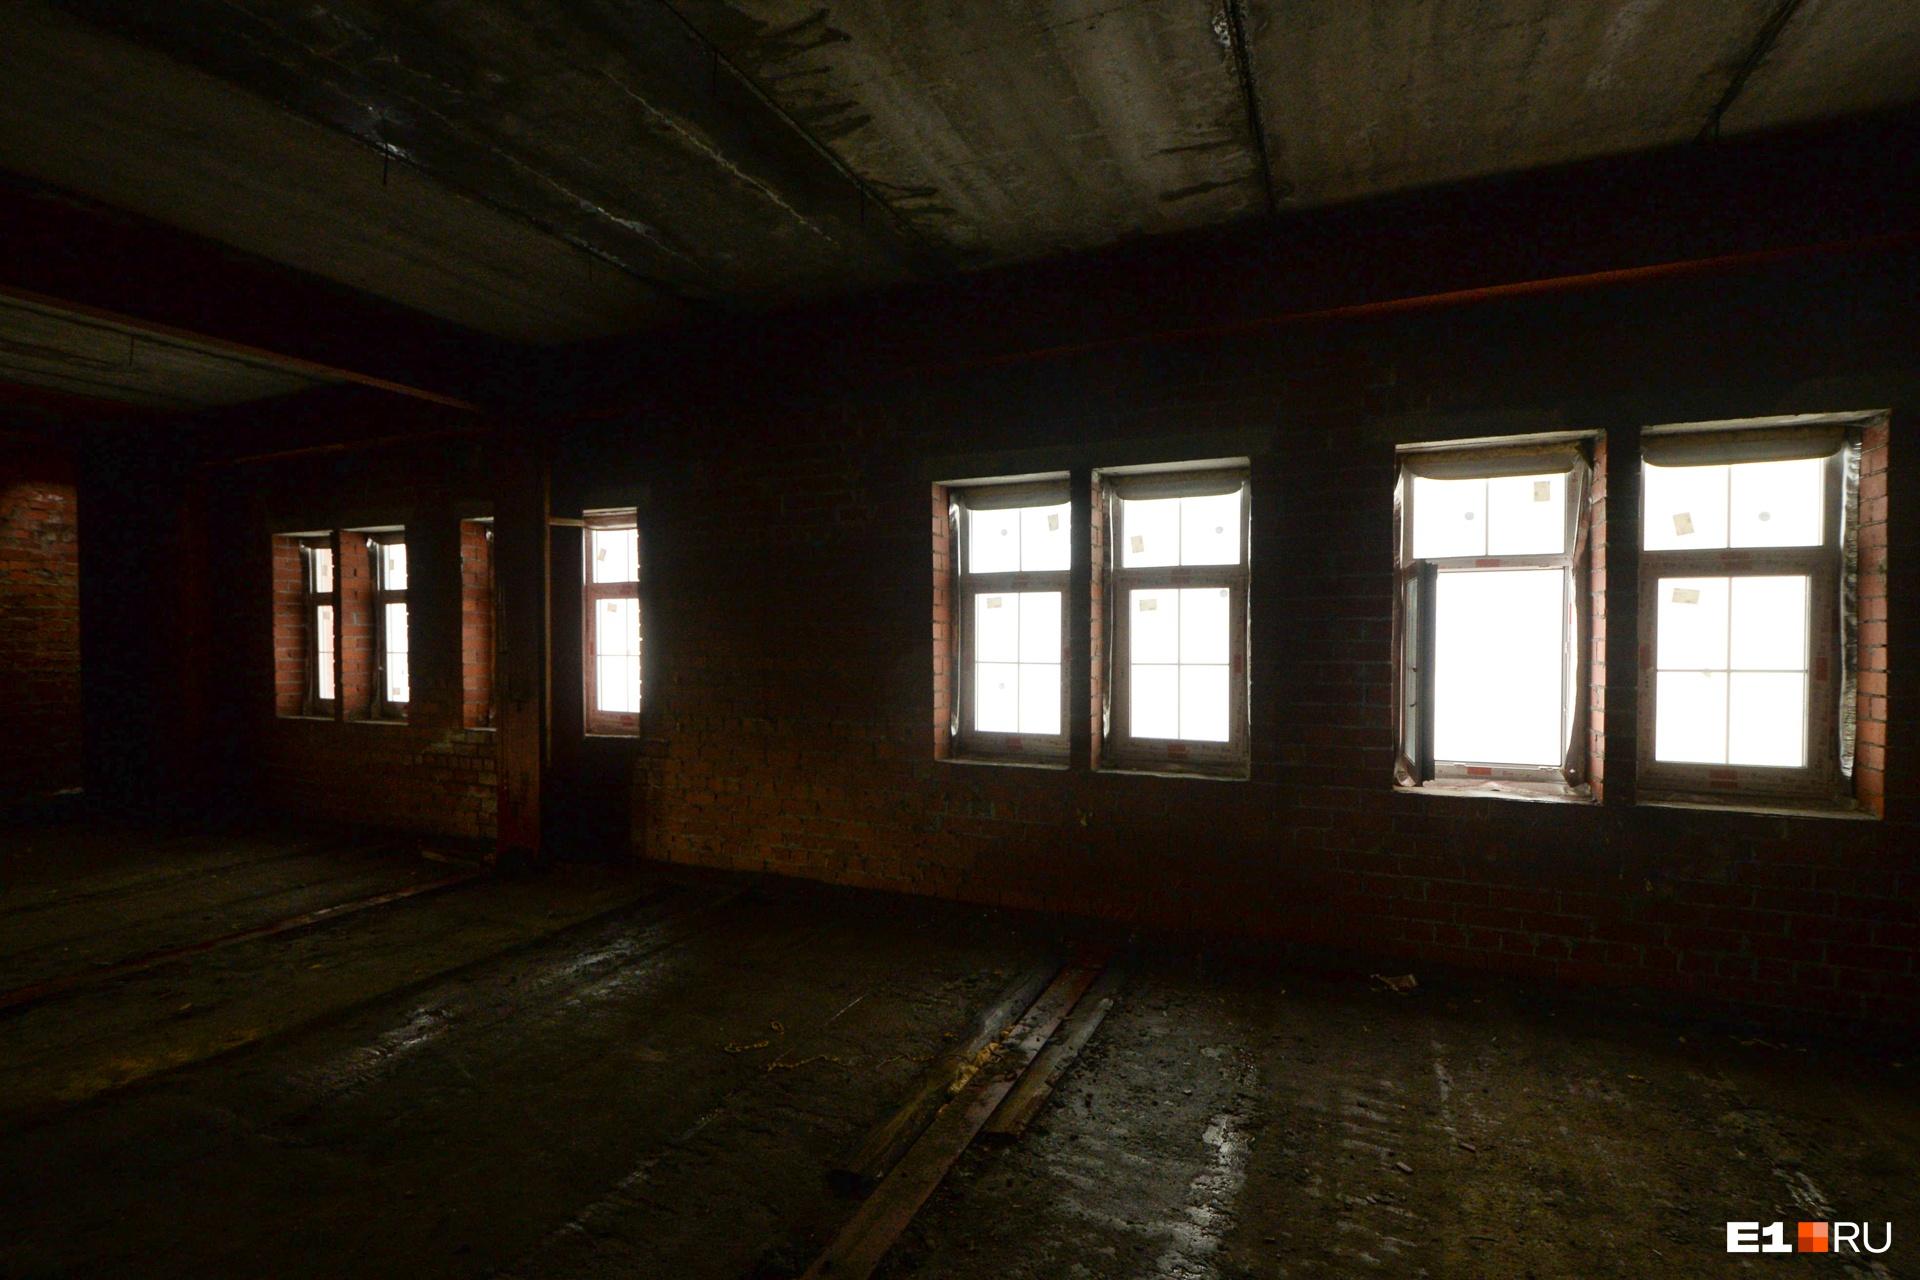 На втором этаже в окнах есть стекла, но не во всех